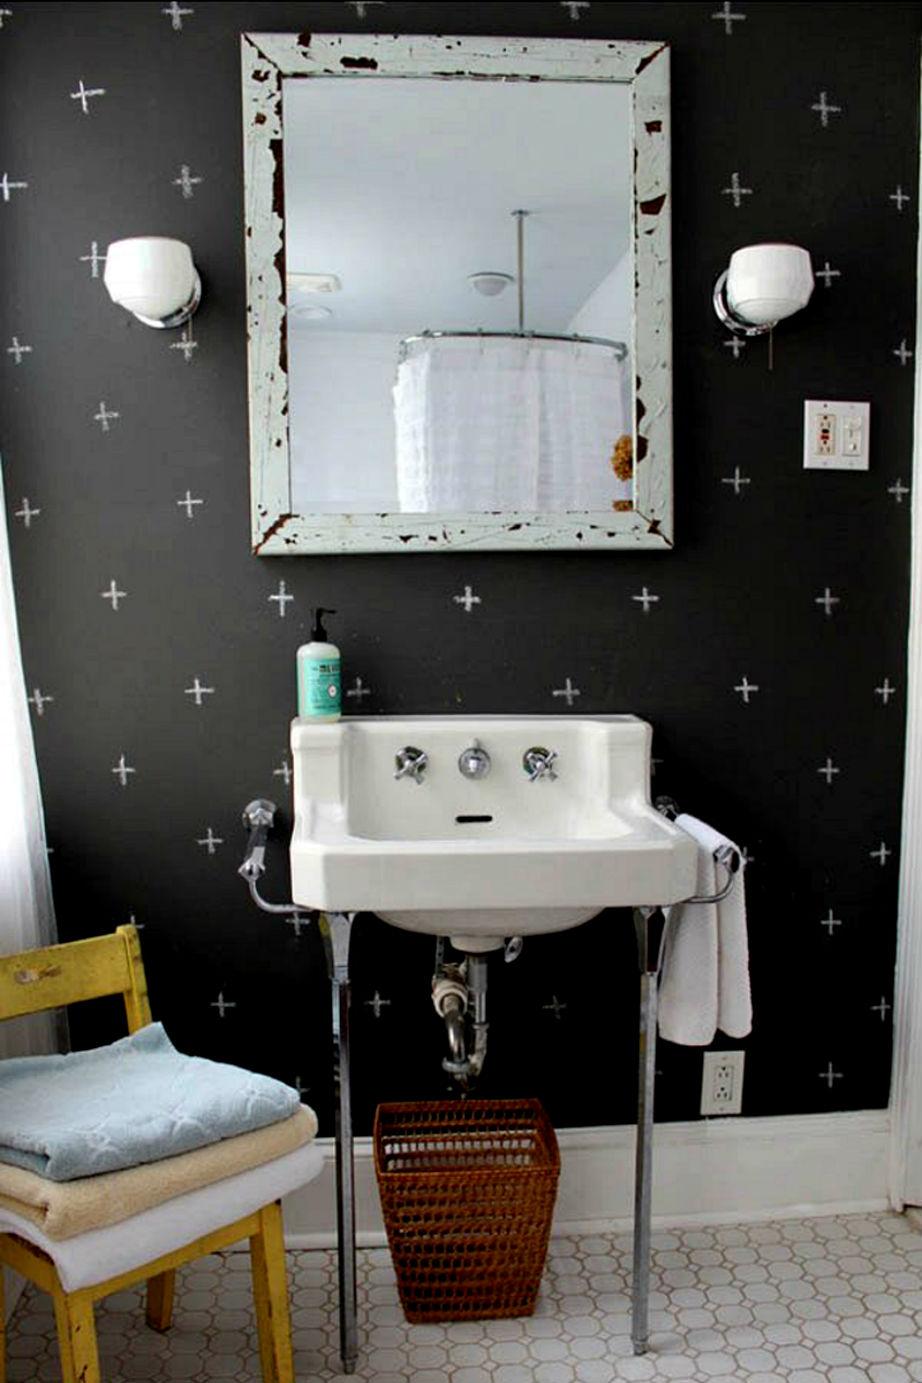 Μαυροπίνακας και στο μπάνιο!